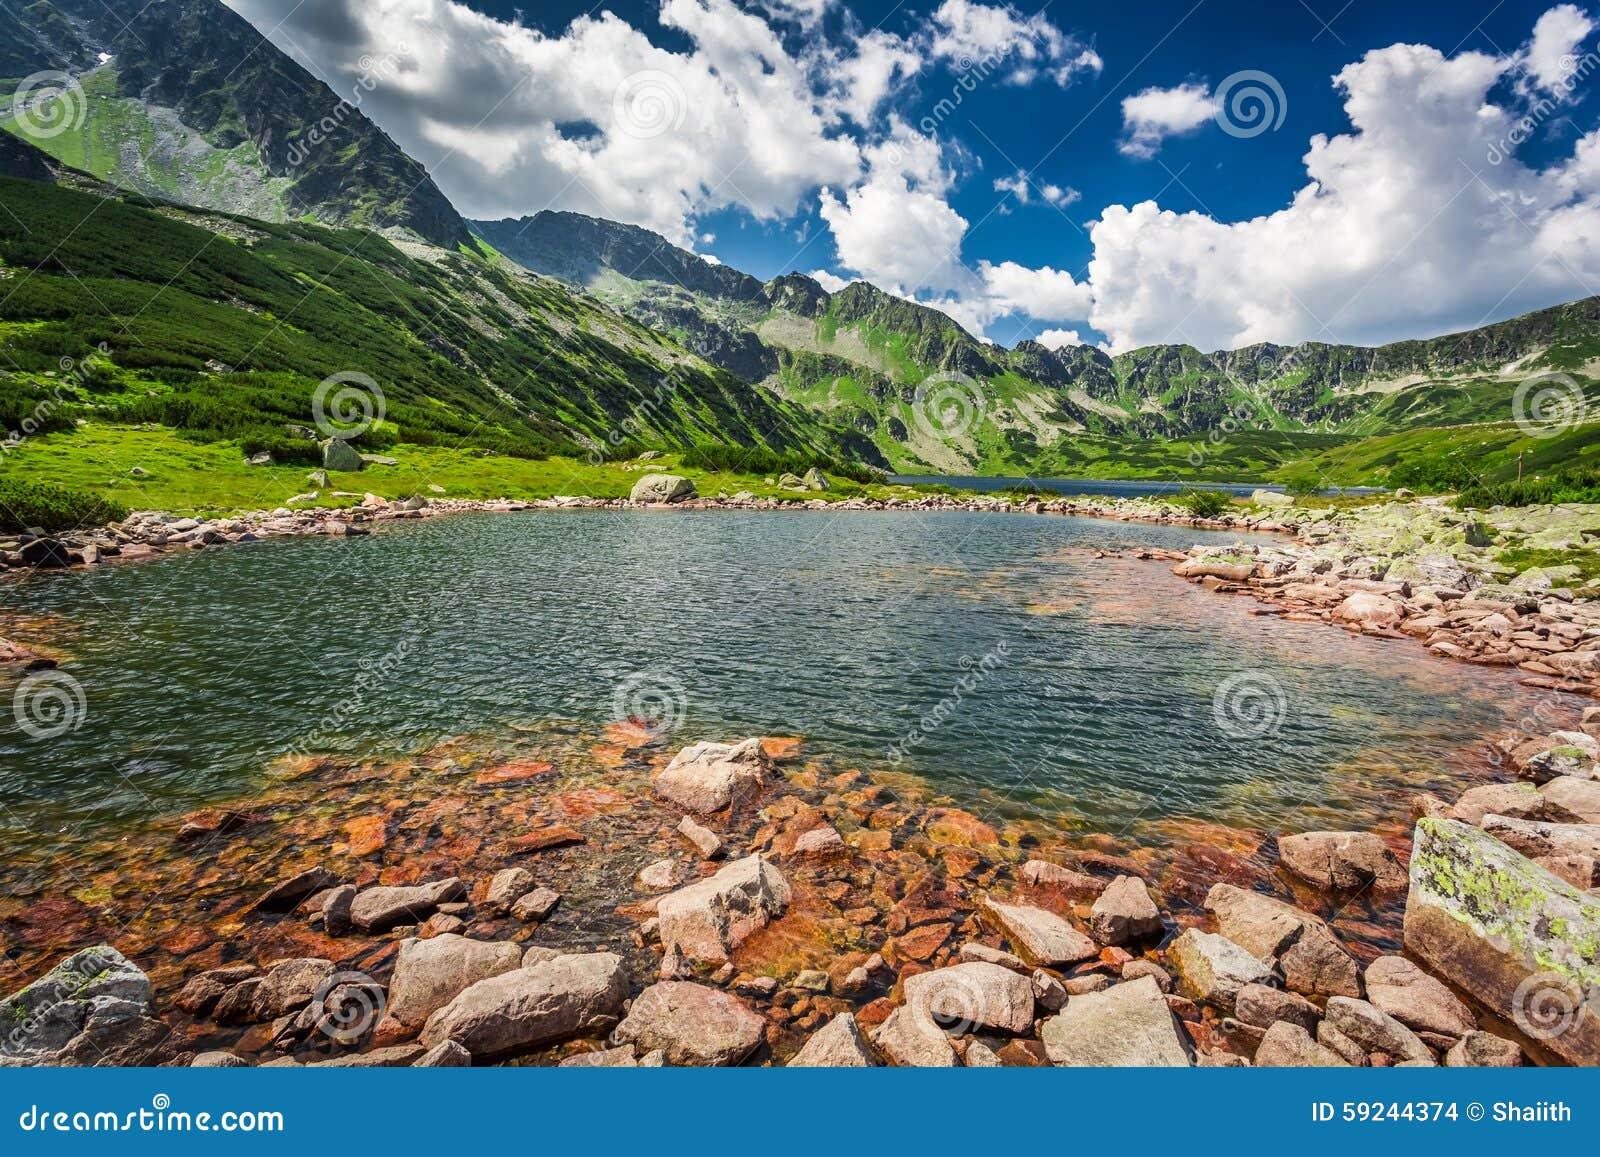 Charca maravillosa en el medio de las montañas